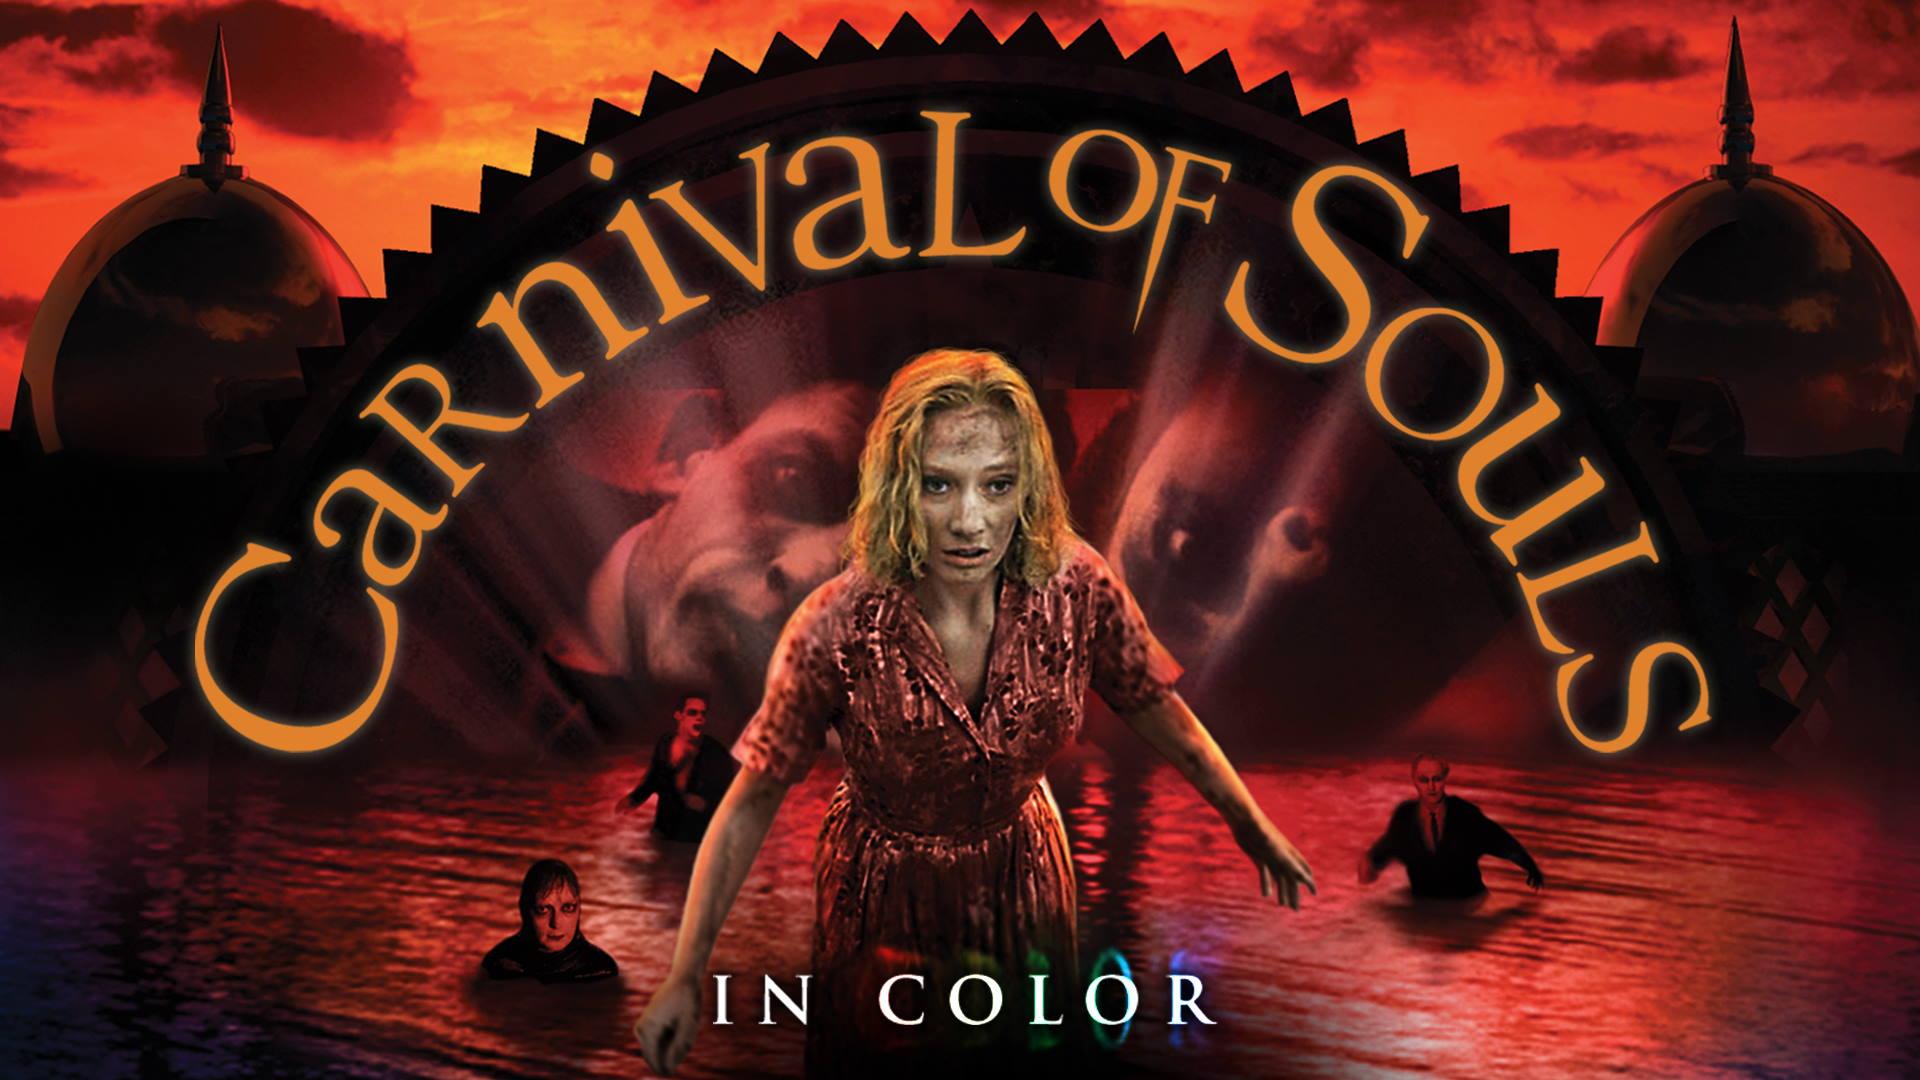 Carnival Of Souls (In Color)